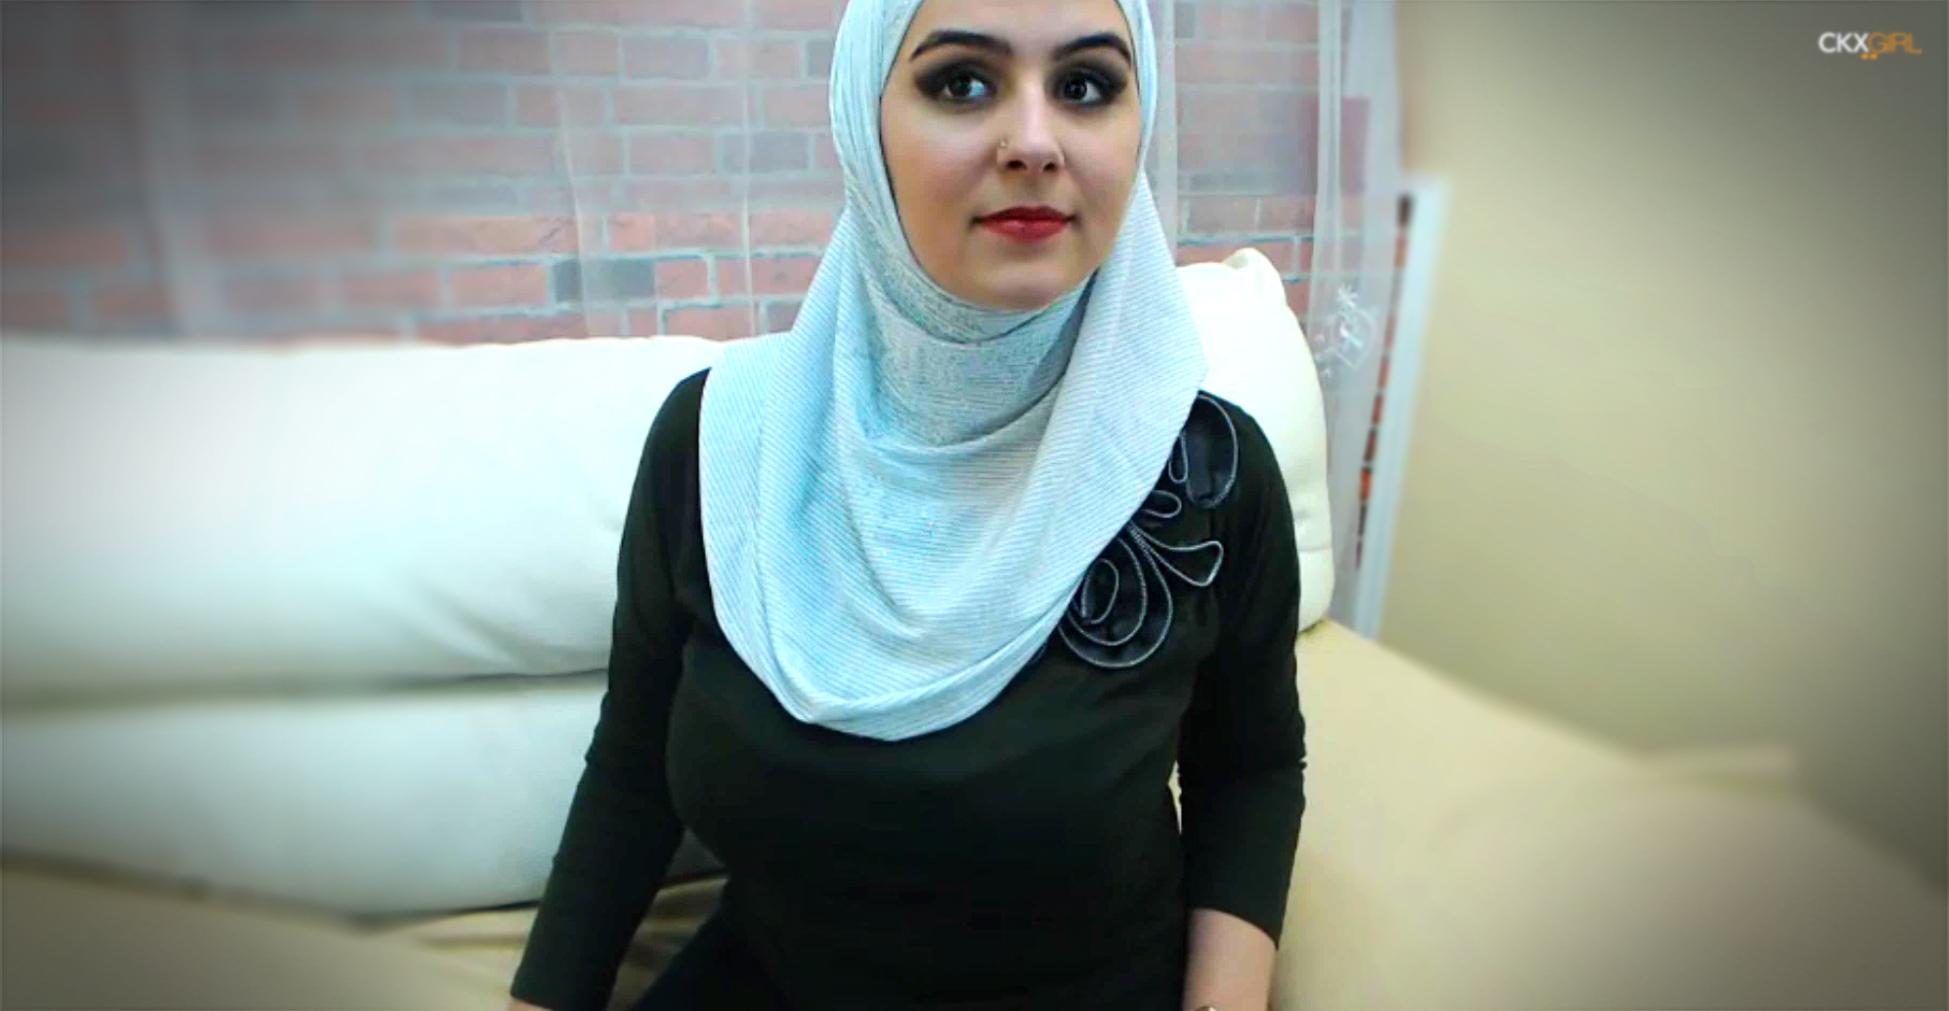 Arabianalimma Cokegirlx Muslim Hijab Girls Live Sex Shows Xxx Cokegirlxcom-1907